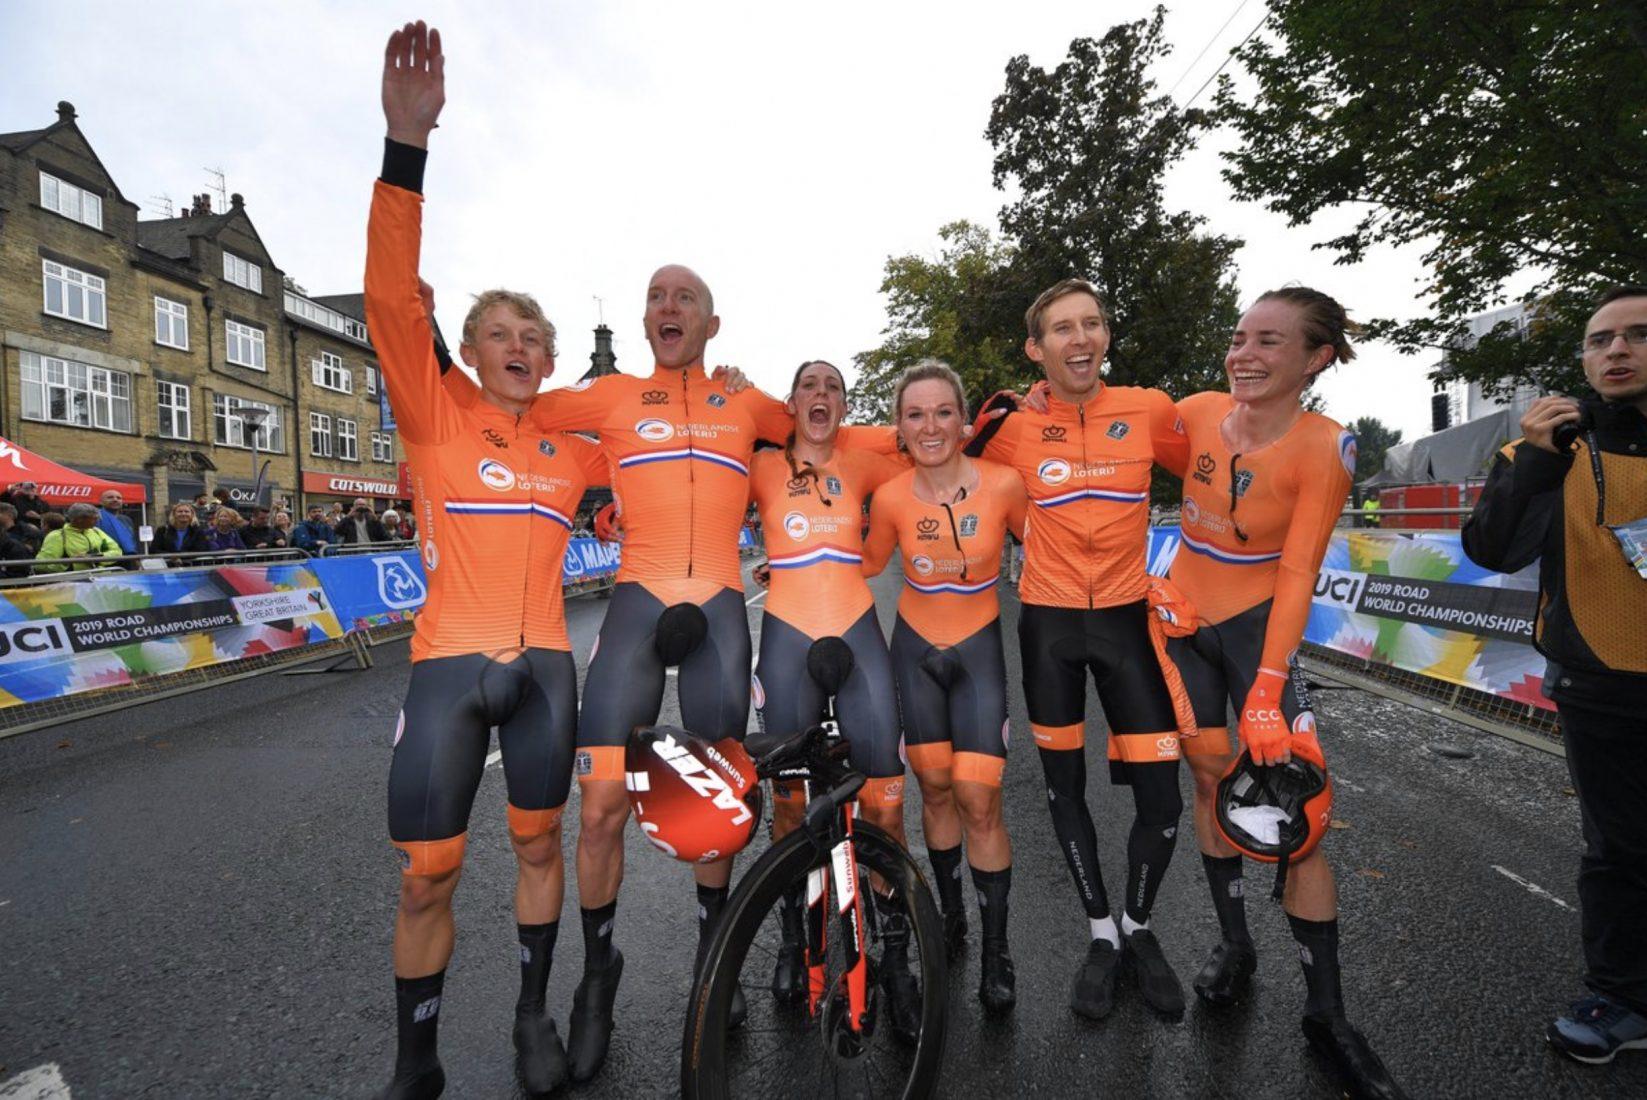 Mondiali 2019: Paesi Bassi campioni del mondo cronometro a staffetta